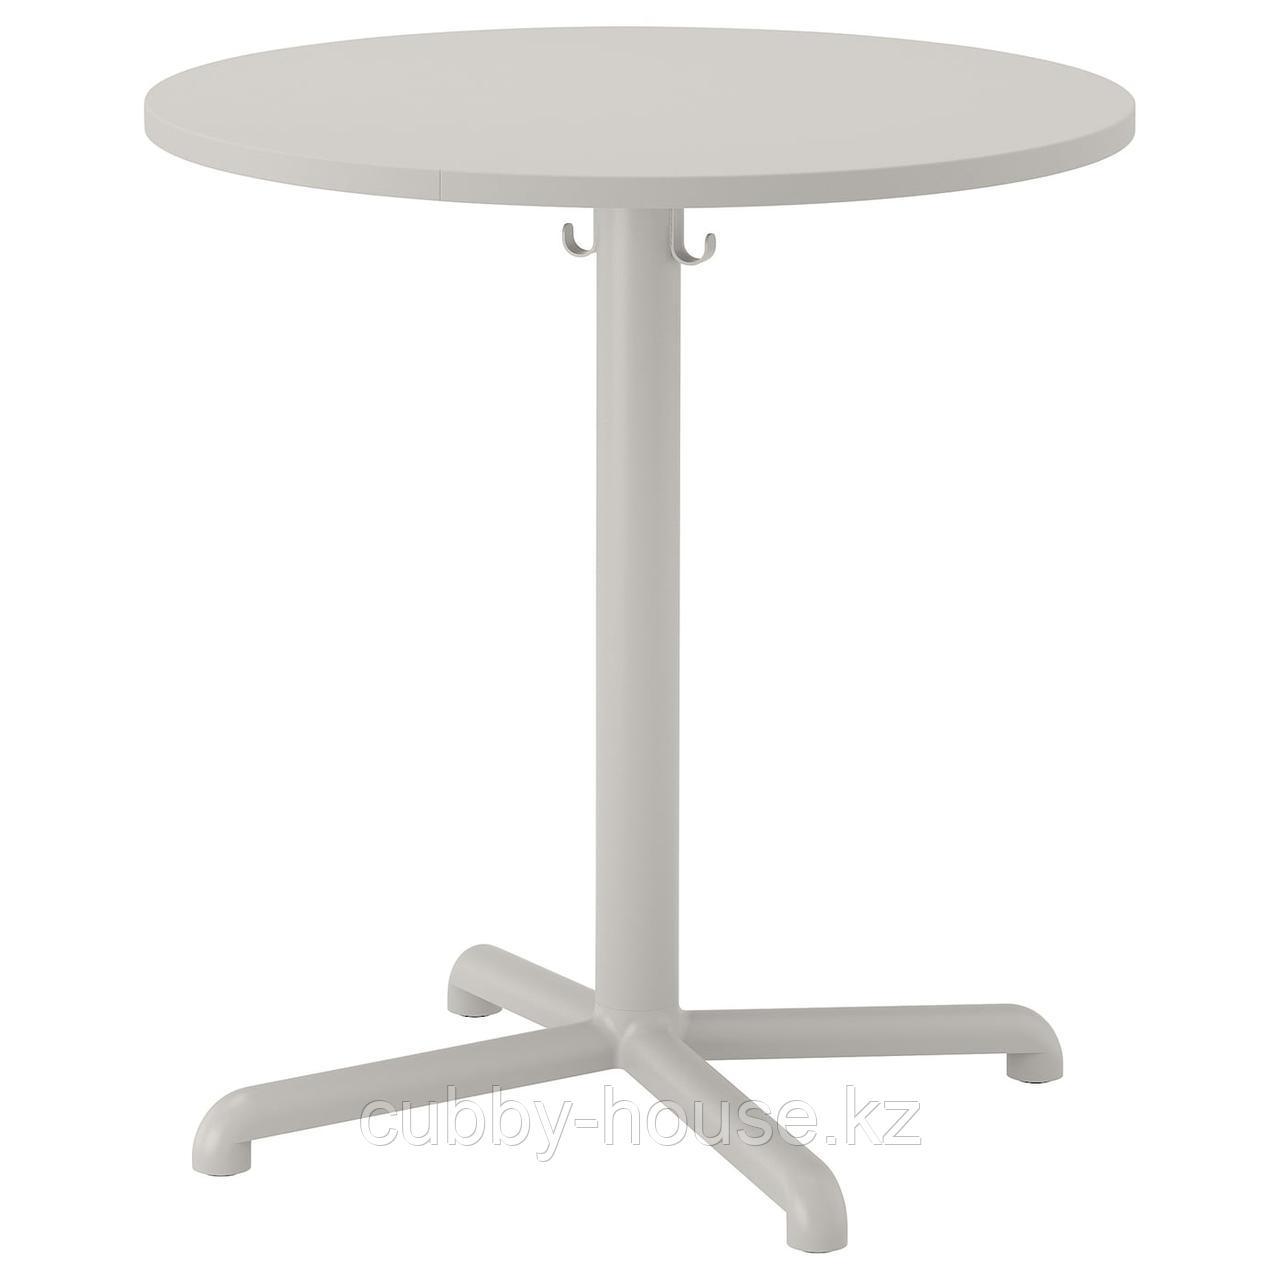 СТЕНСЕЛЕ Стол, светло-серый, светло-серый, 70 см